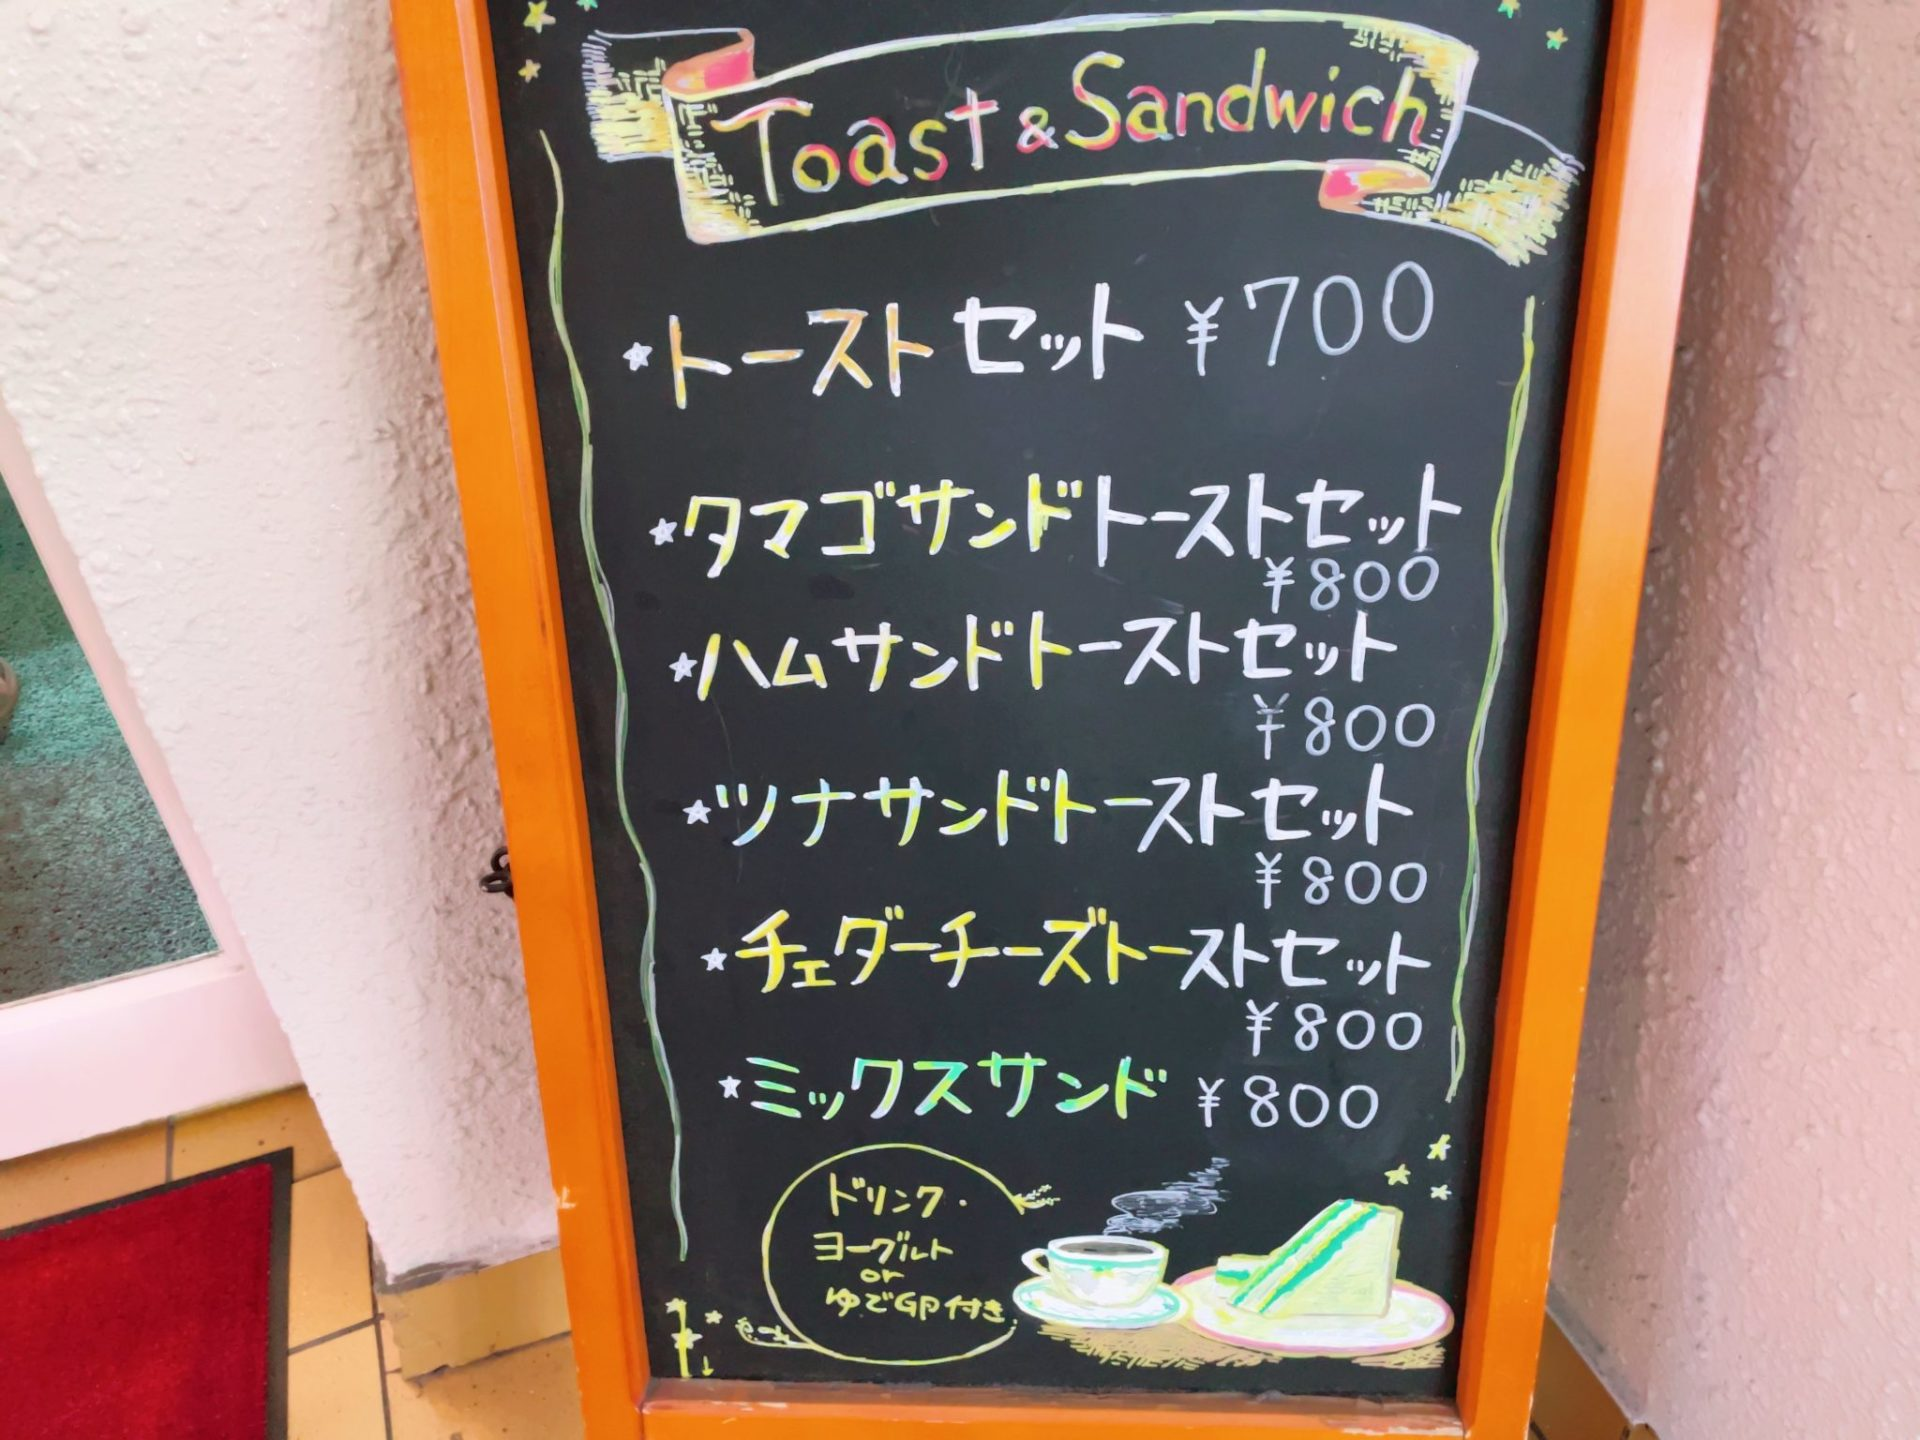 ZAC(ザック)のサンドイッチメニュー